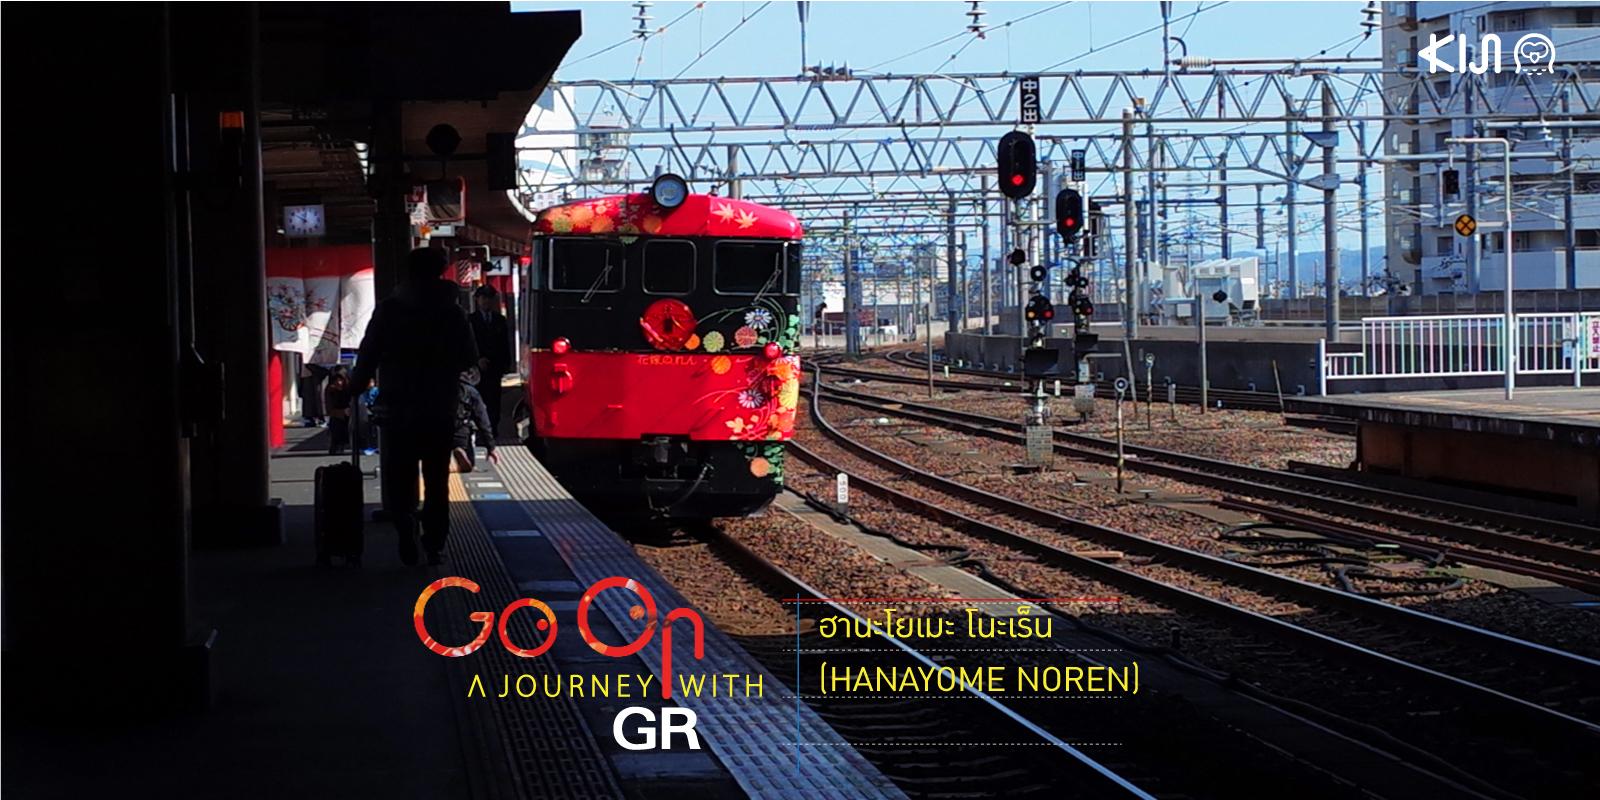 รถไฟ HANAYOME NOREN คานาซาว่า จ.อิชิกาวะ